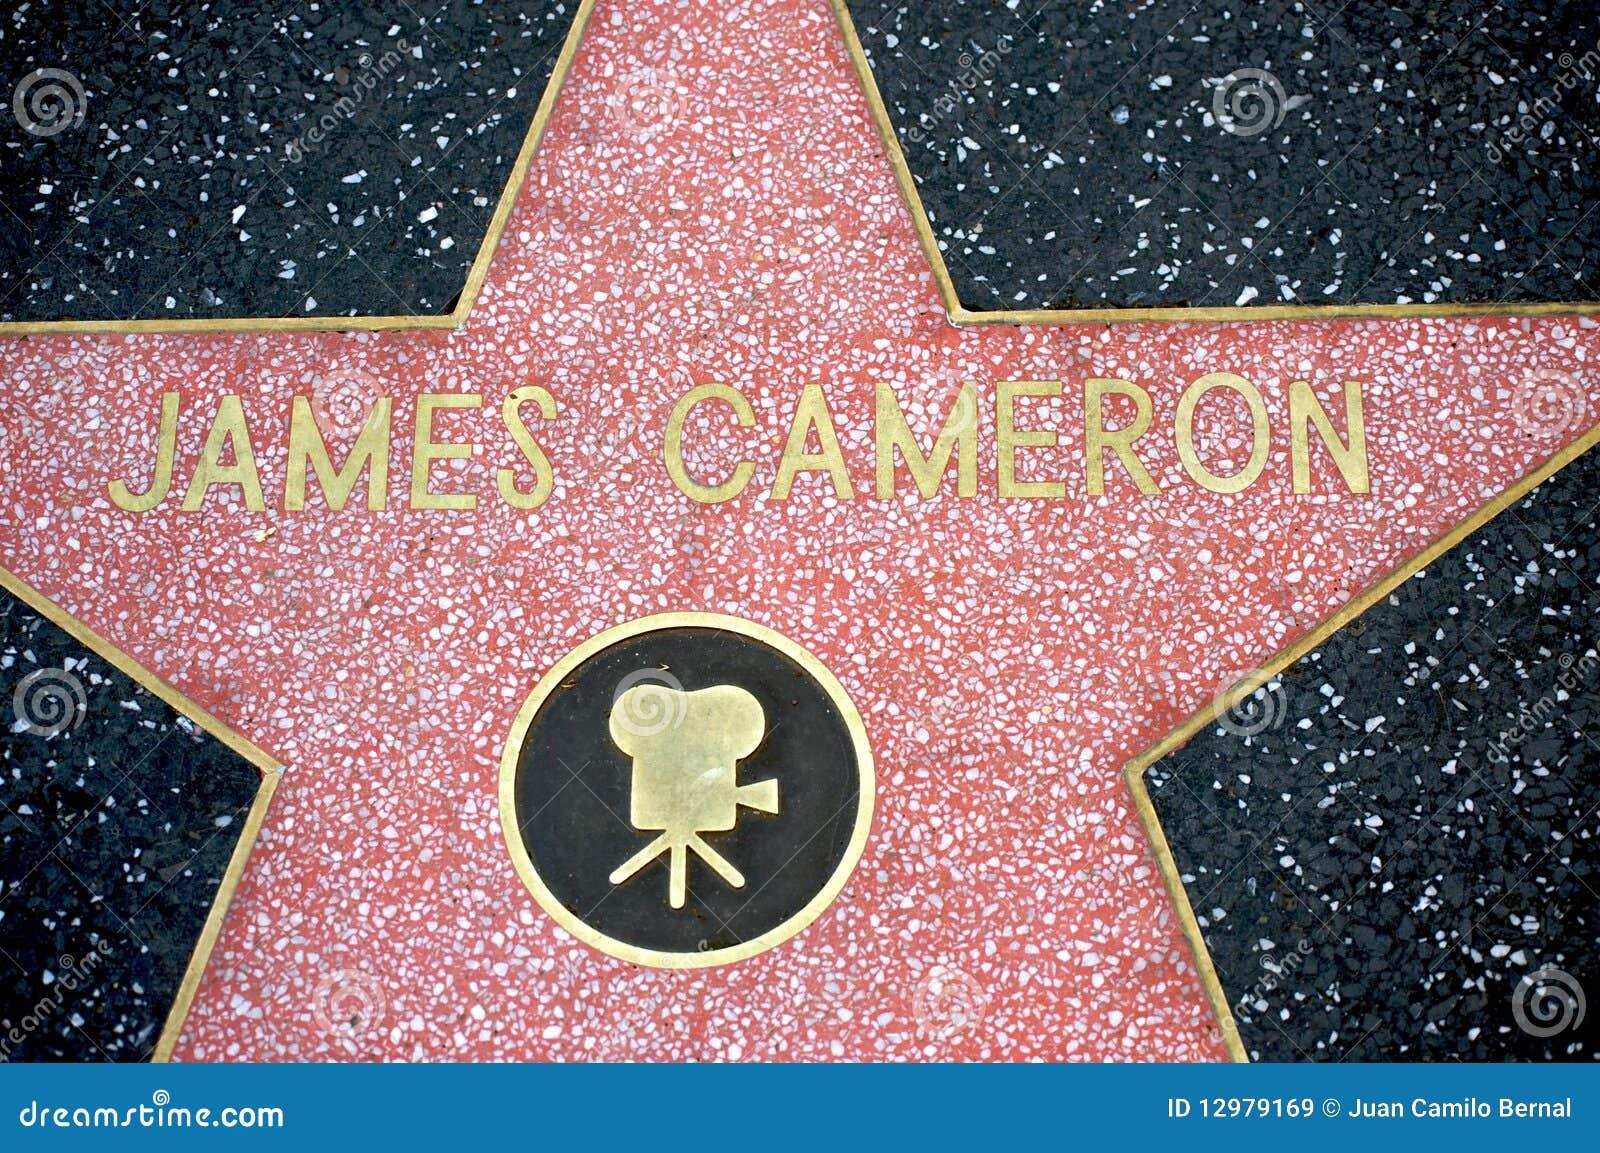 James Cameron en la caminata de Hollywood de la fama